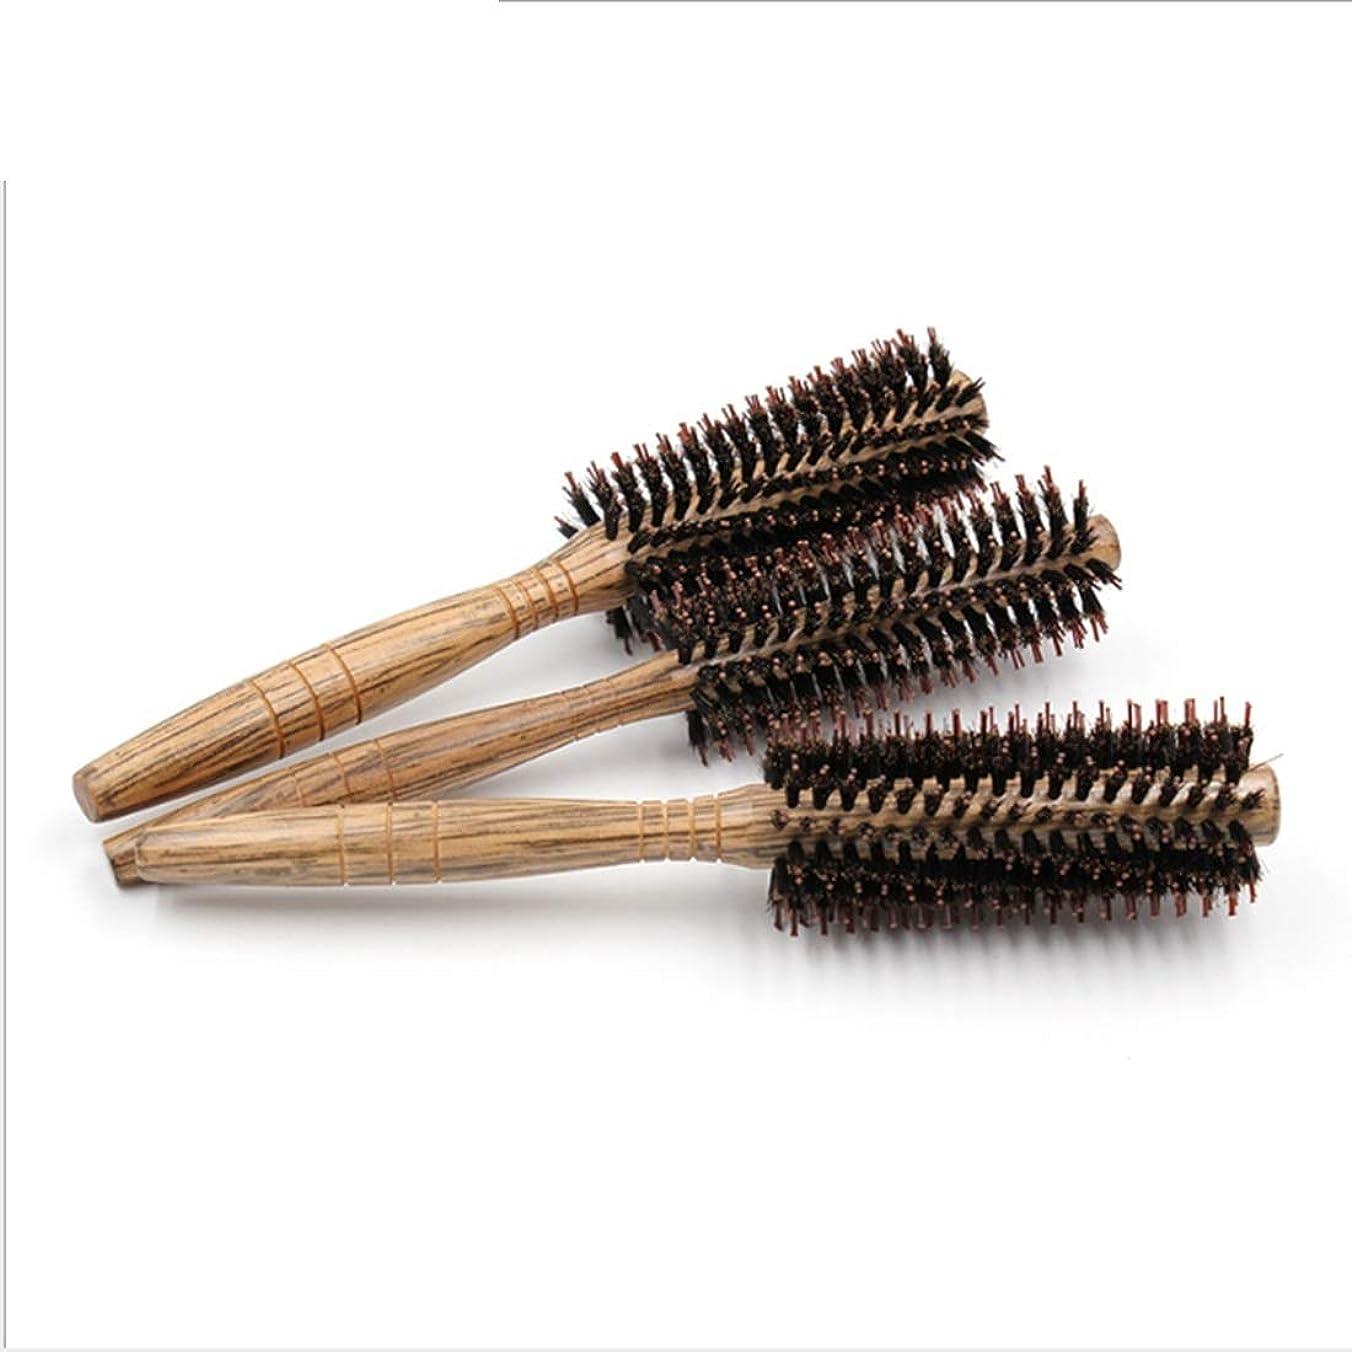 キャッシュからかうガジュマル女性のためのヘアブラシ大きい花のComb24cmの長さ - ヘアブラシの女性のカーリー&木製ハンドル付きストレートヘアの櫛 - スタイル、カール、そして乾いた髪にブロー乾燥しながら使用 モデリングツール (サイズ : S)